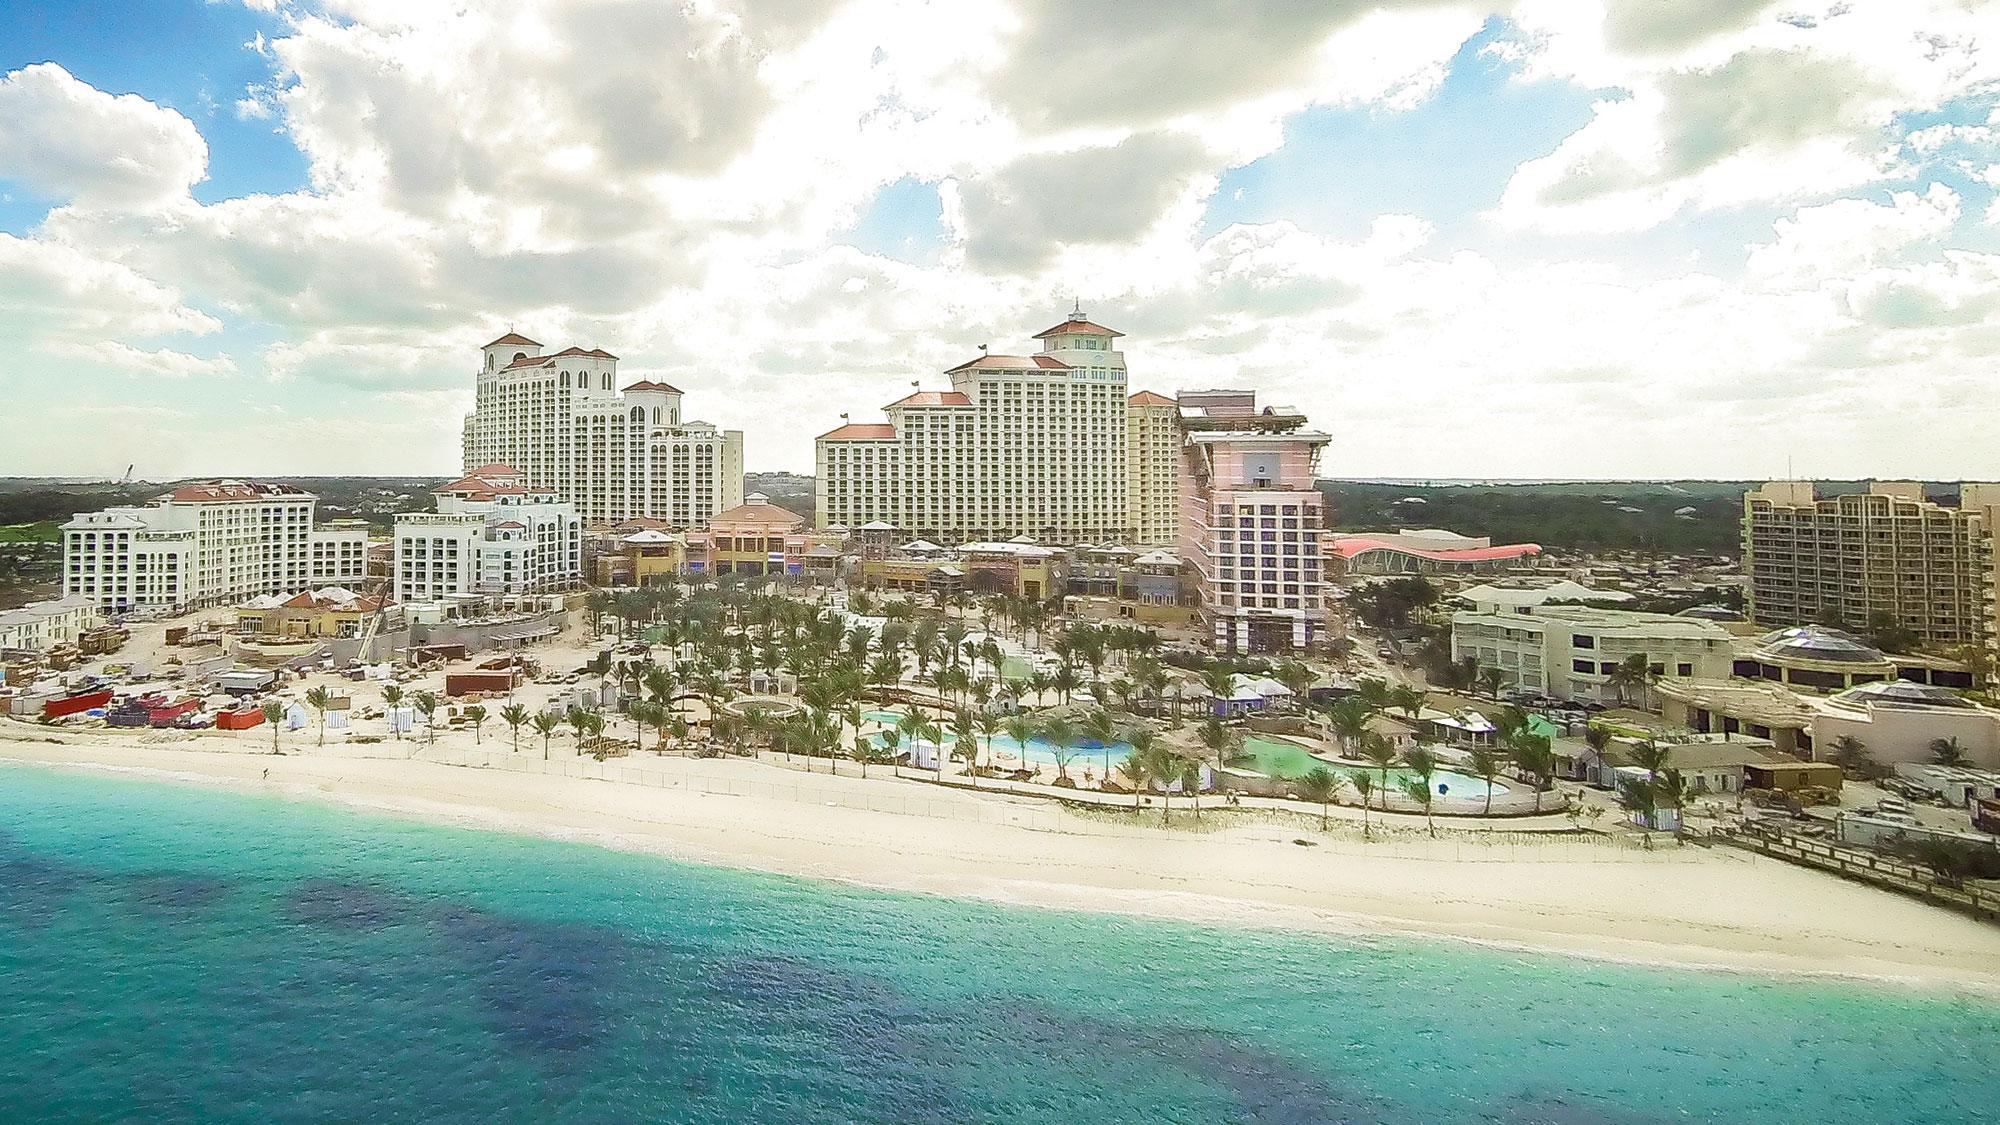 Rosewood Parent Pursuing Baha Mar Travel Weekly